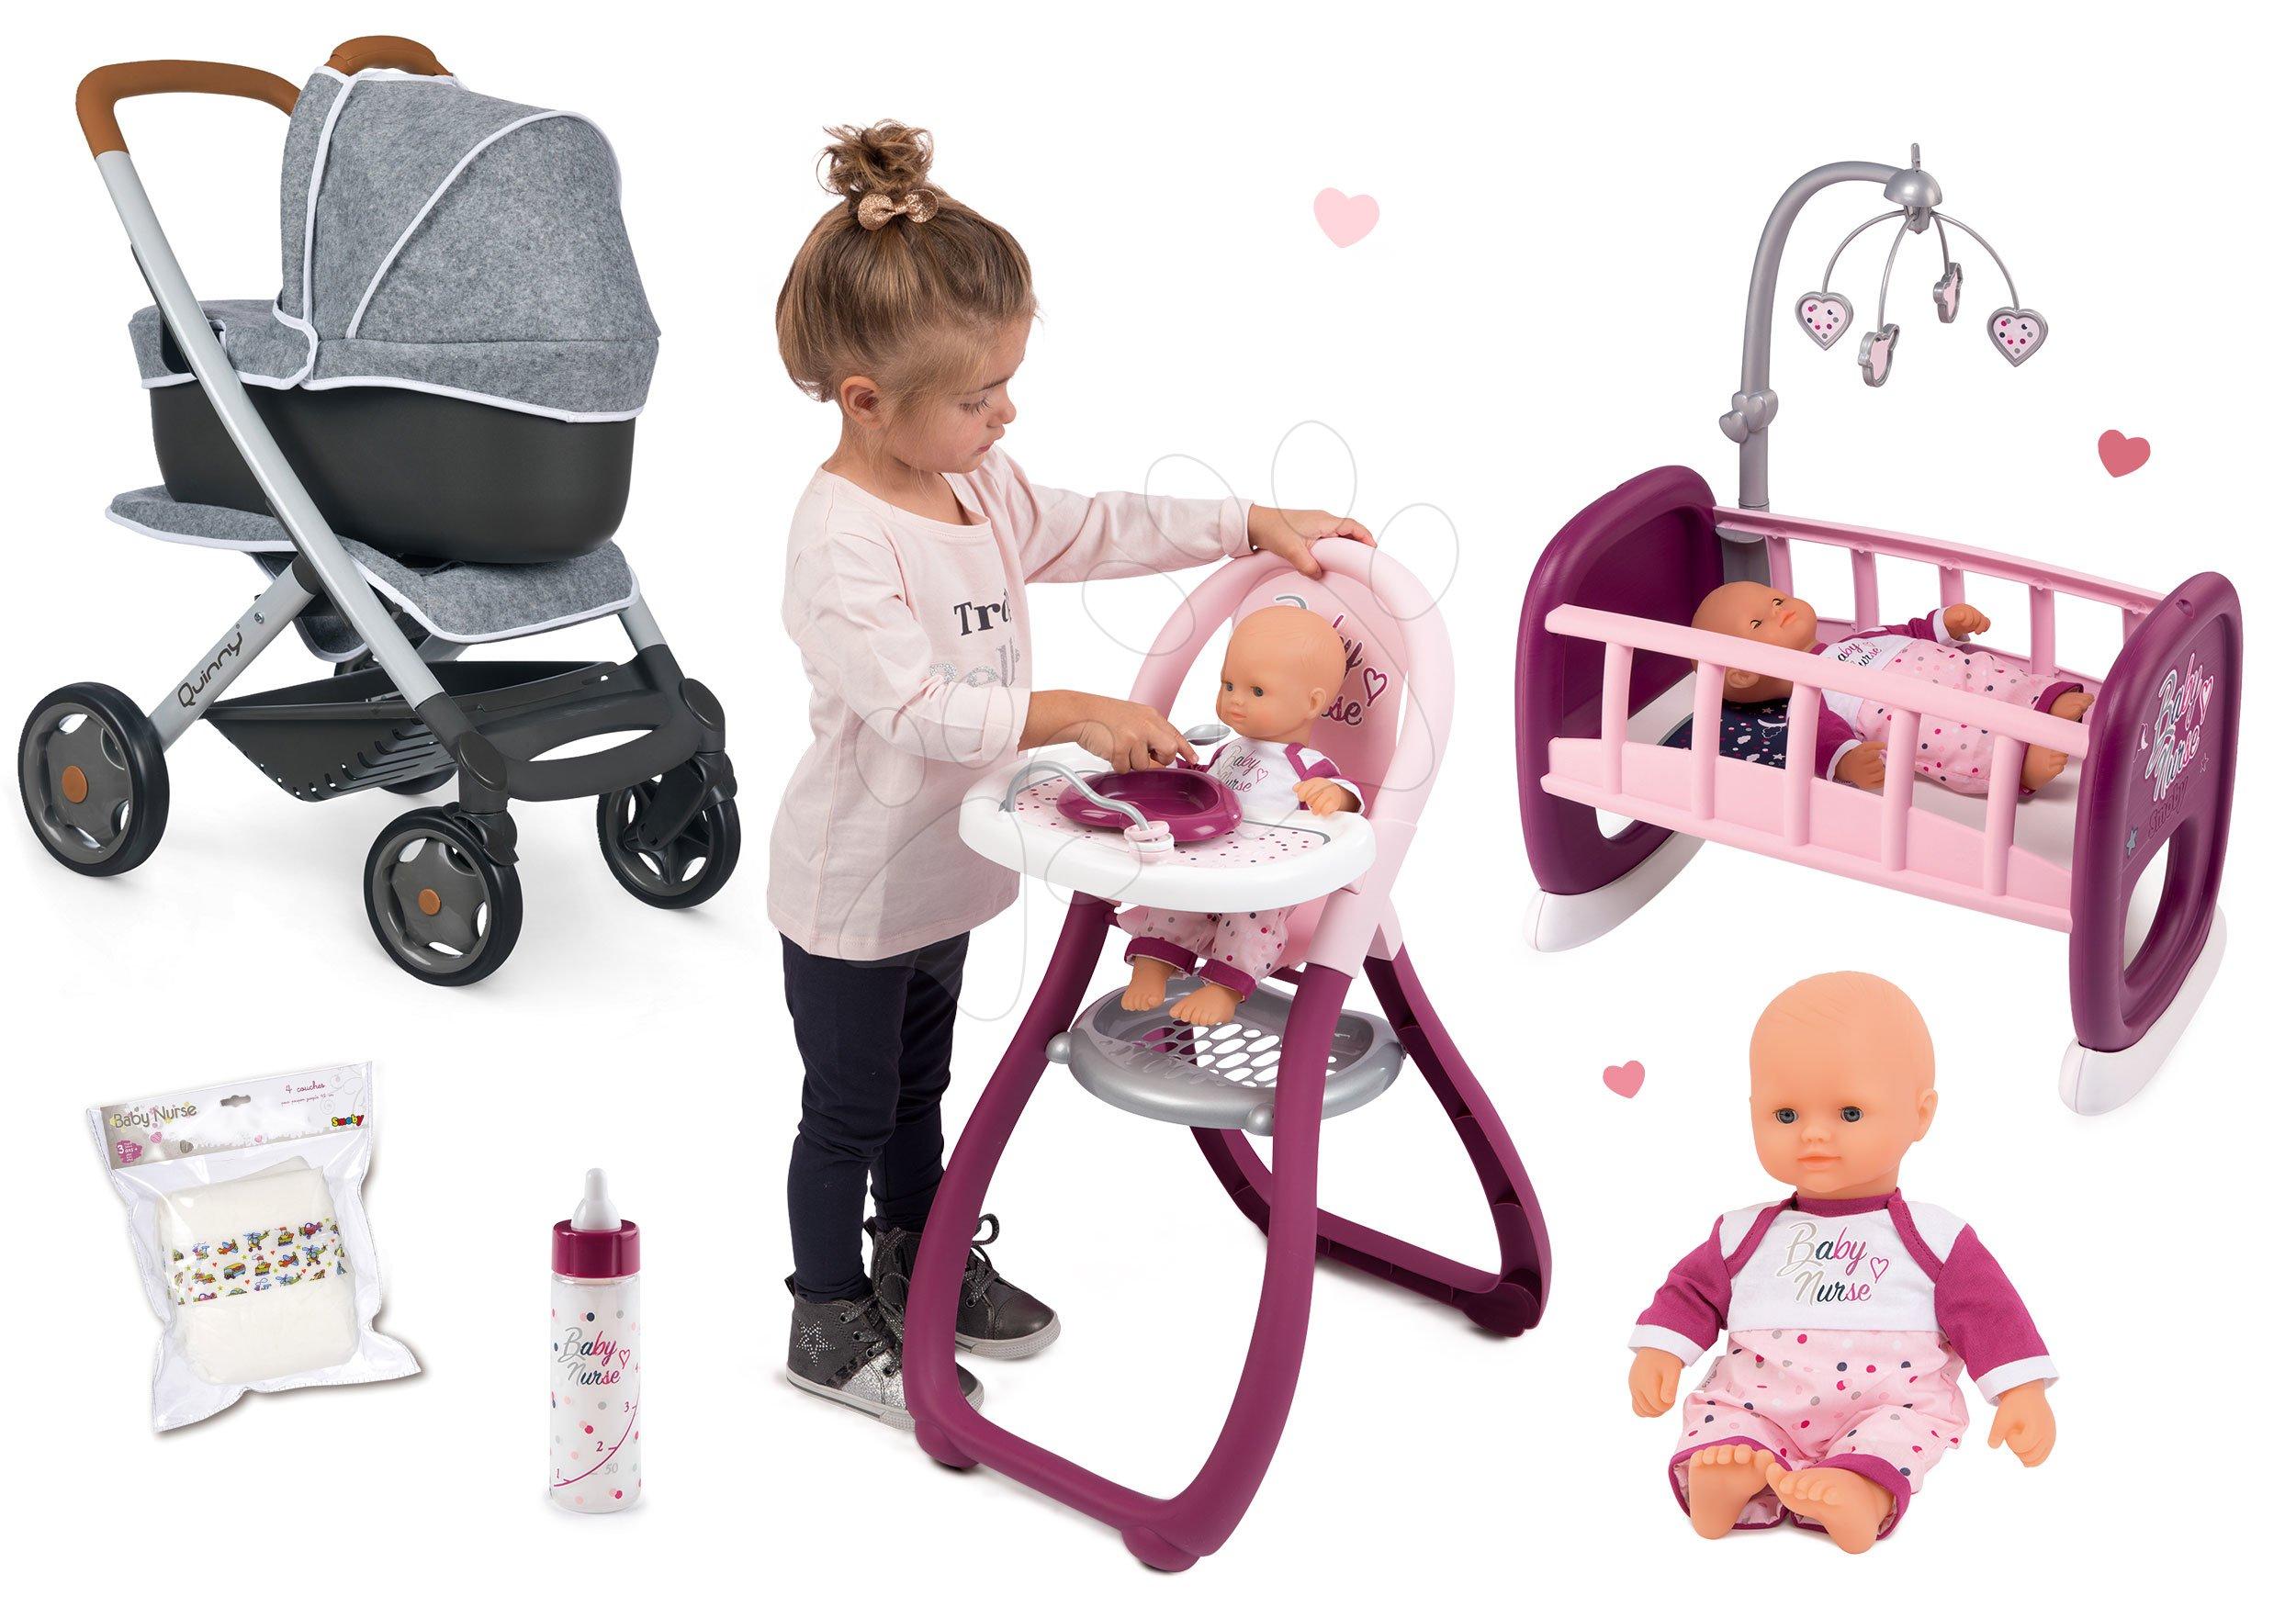 Set kočárek hluboký a sportovní DeLuxe Pastel Maxi Cosi&Quinny Grey 3v1 Smoby a panenka Violette s jídelní židličkou a kolébka s lahvičkou a pamperskami